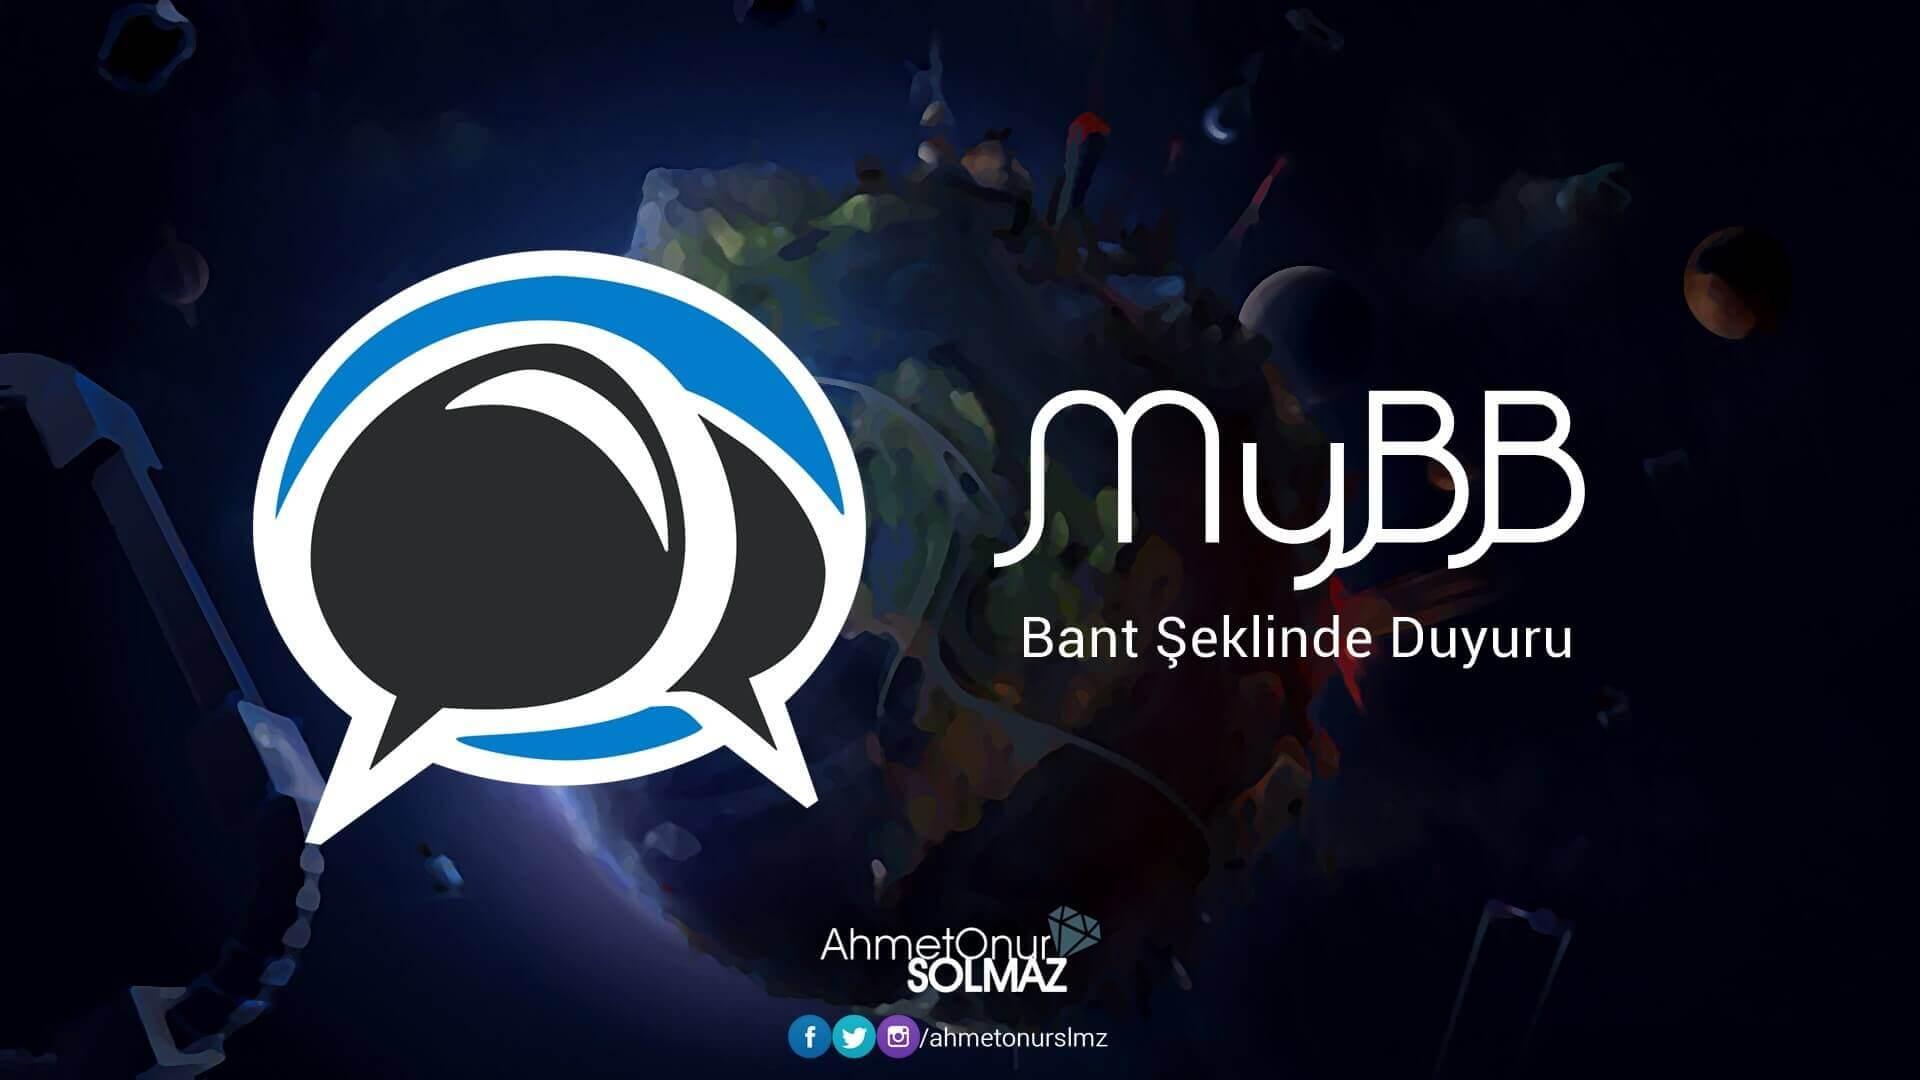 MyBB Bant Şeklinde Duyuru